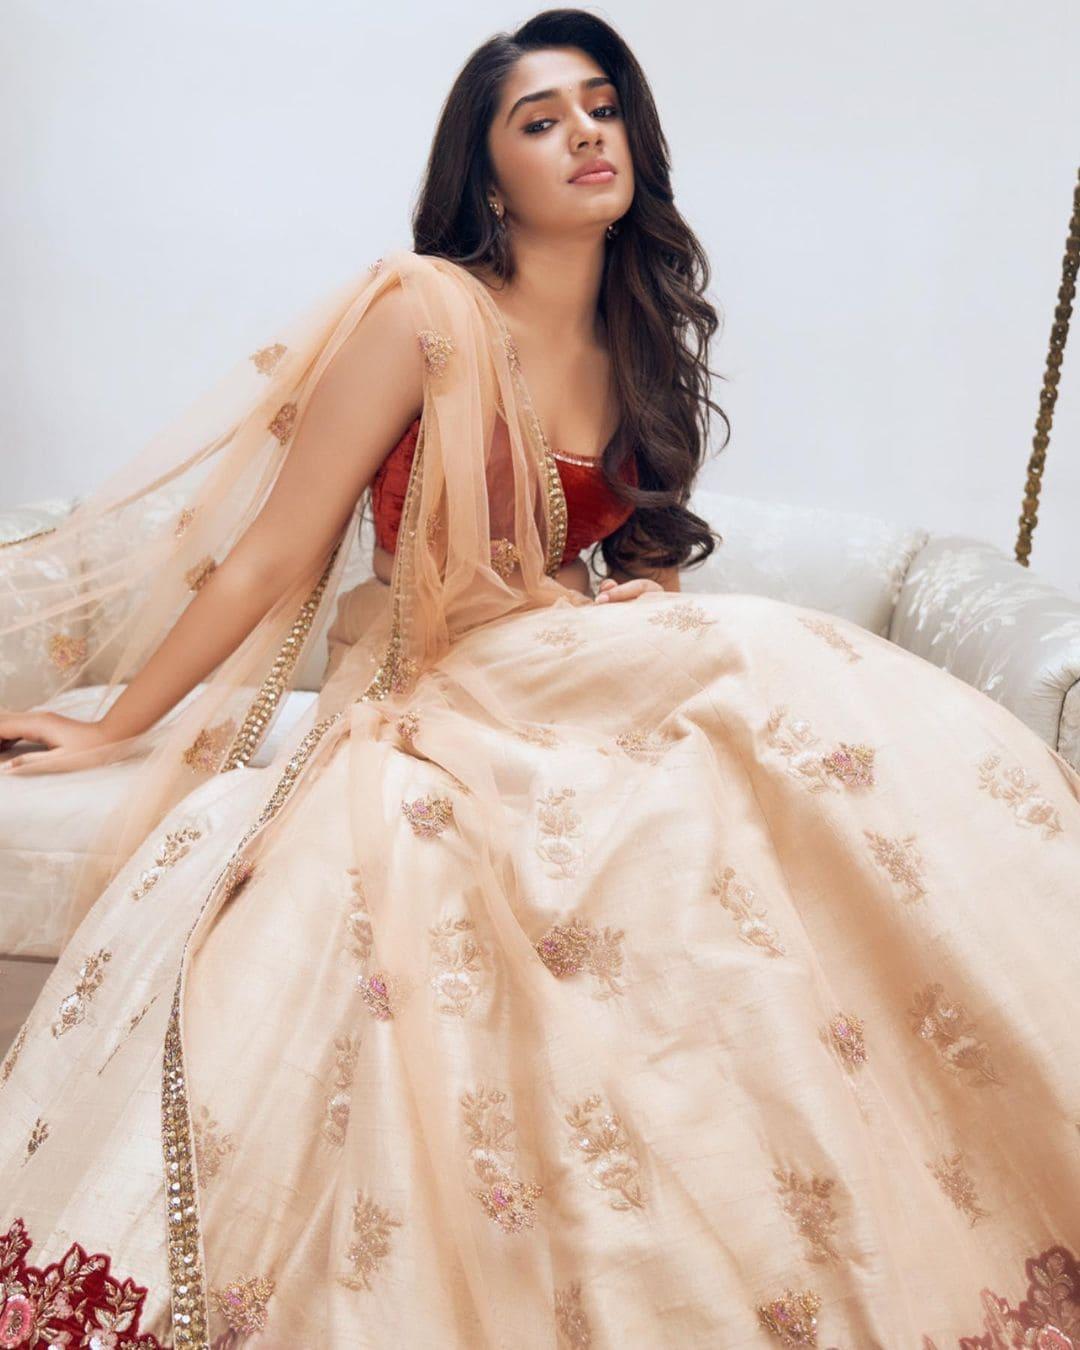 నెంబర్ 1 యారి షోలో వైష్ణవ తేజ్ తో అందాల ముద్దుగుమ్మ కృతి శెట్టి Photo Credit: Instagram